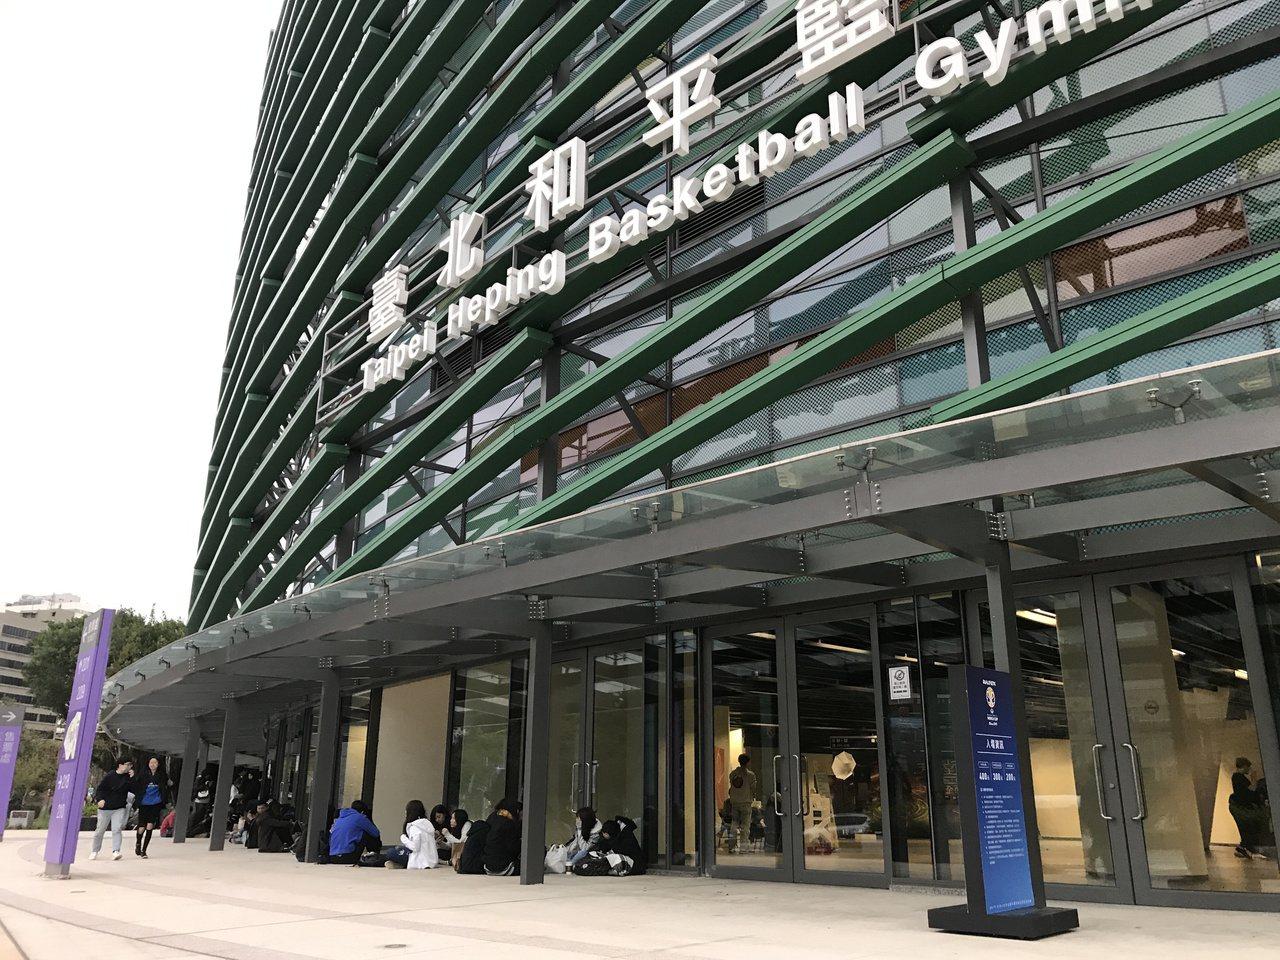 賽前3小時和平籃球館外已形成排隊人龍。記者劉肇育/攝影